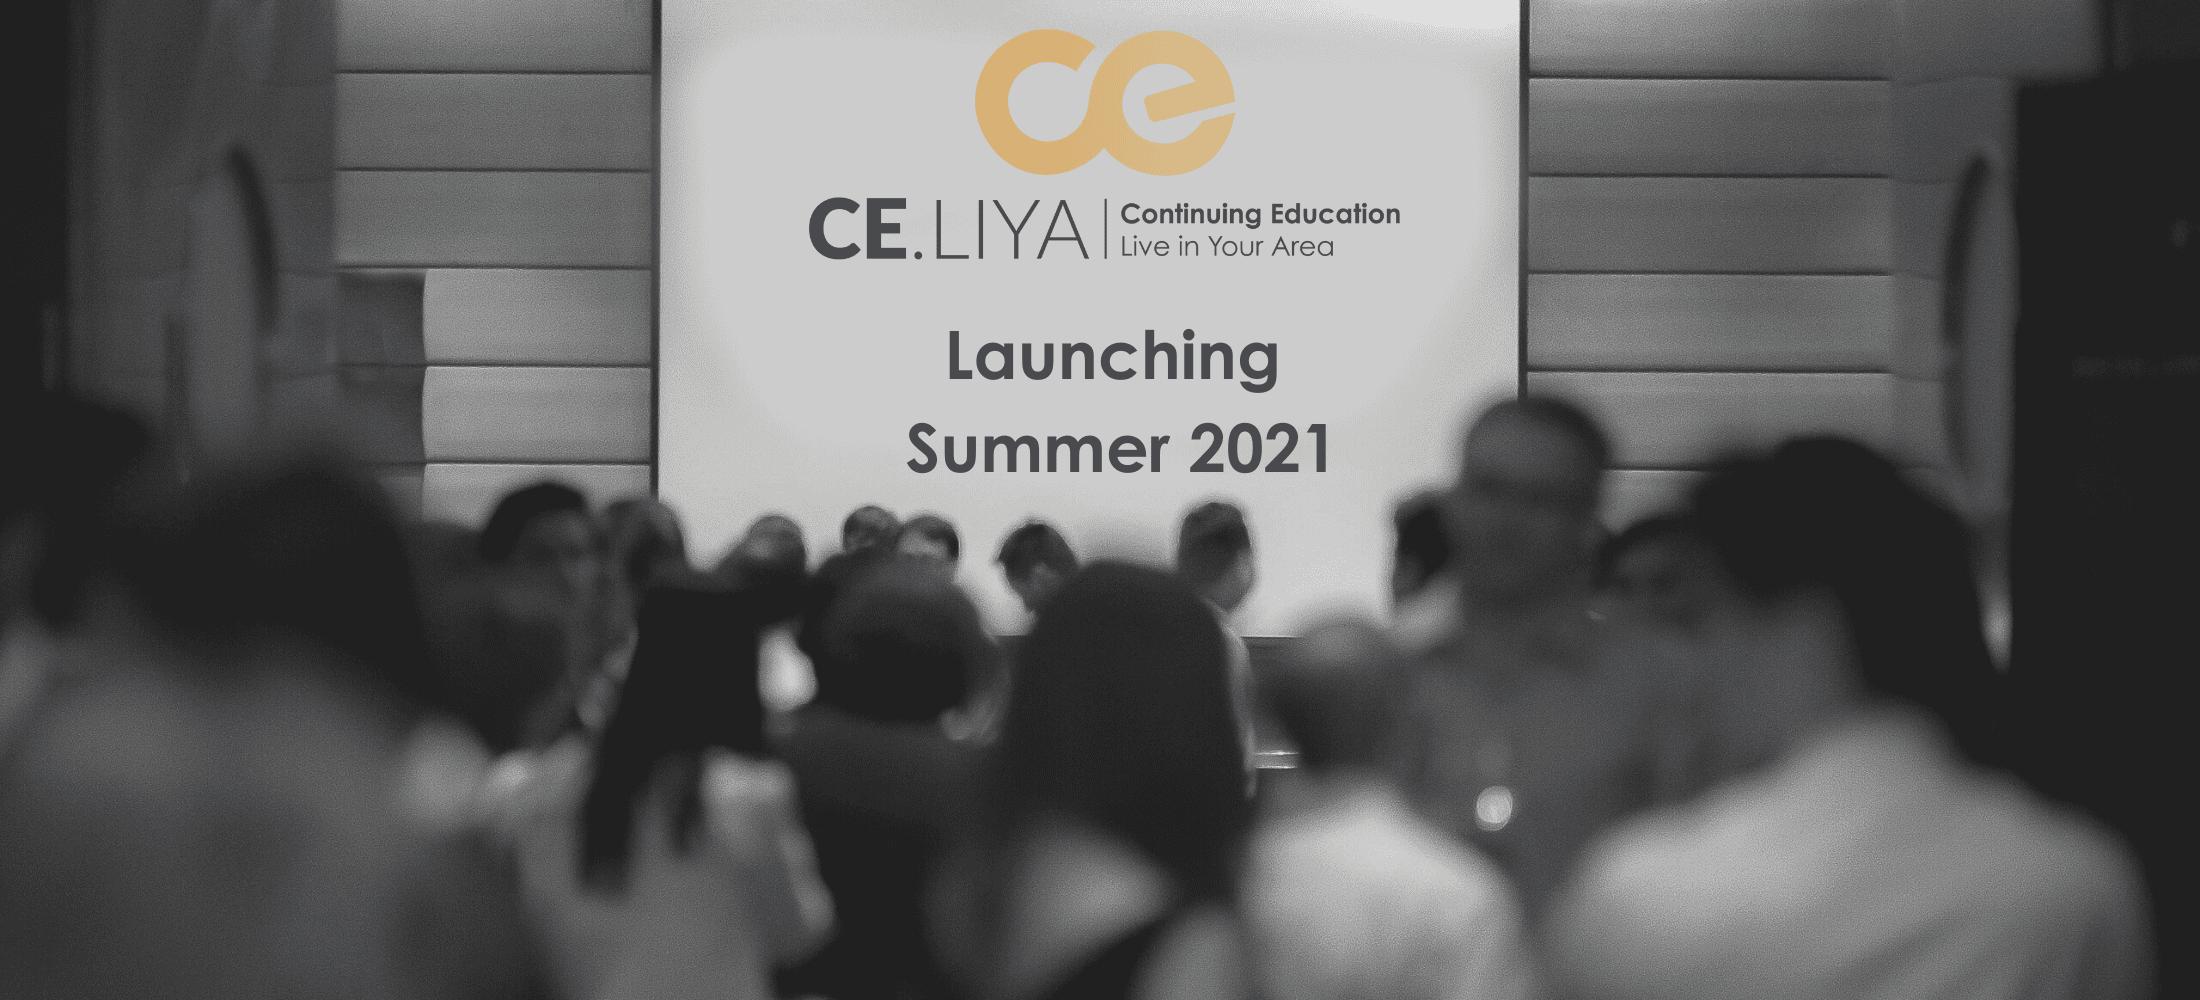 CE.LIYA Launching Summer 2021